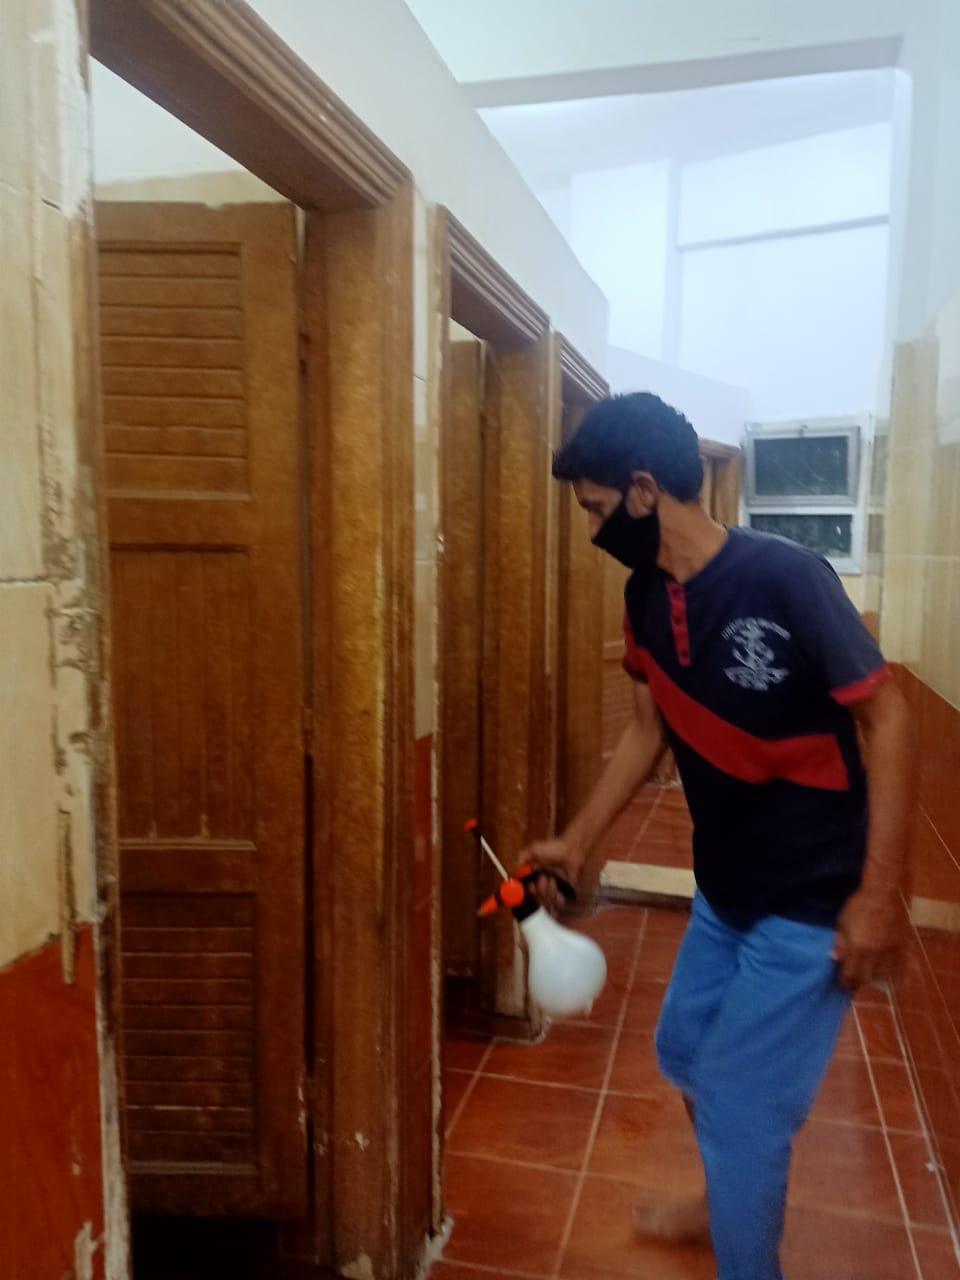 أوقاف الإسكندرية تواصل تعقيم وتطهير المساجد قبل صلاة الجمعة (2)